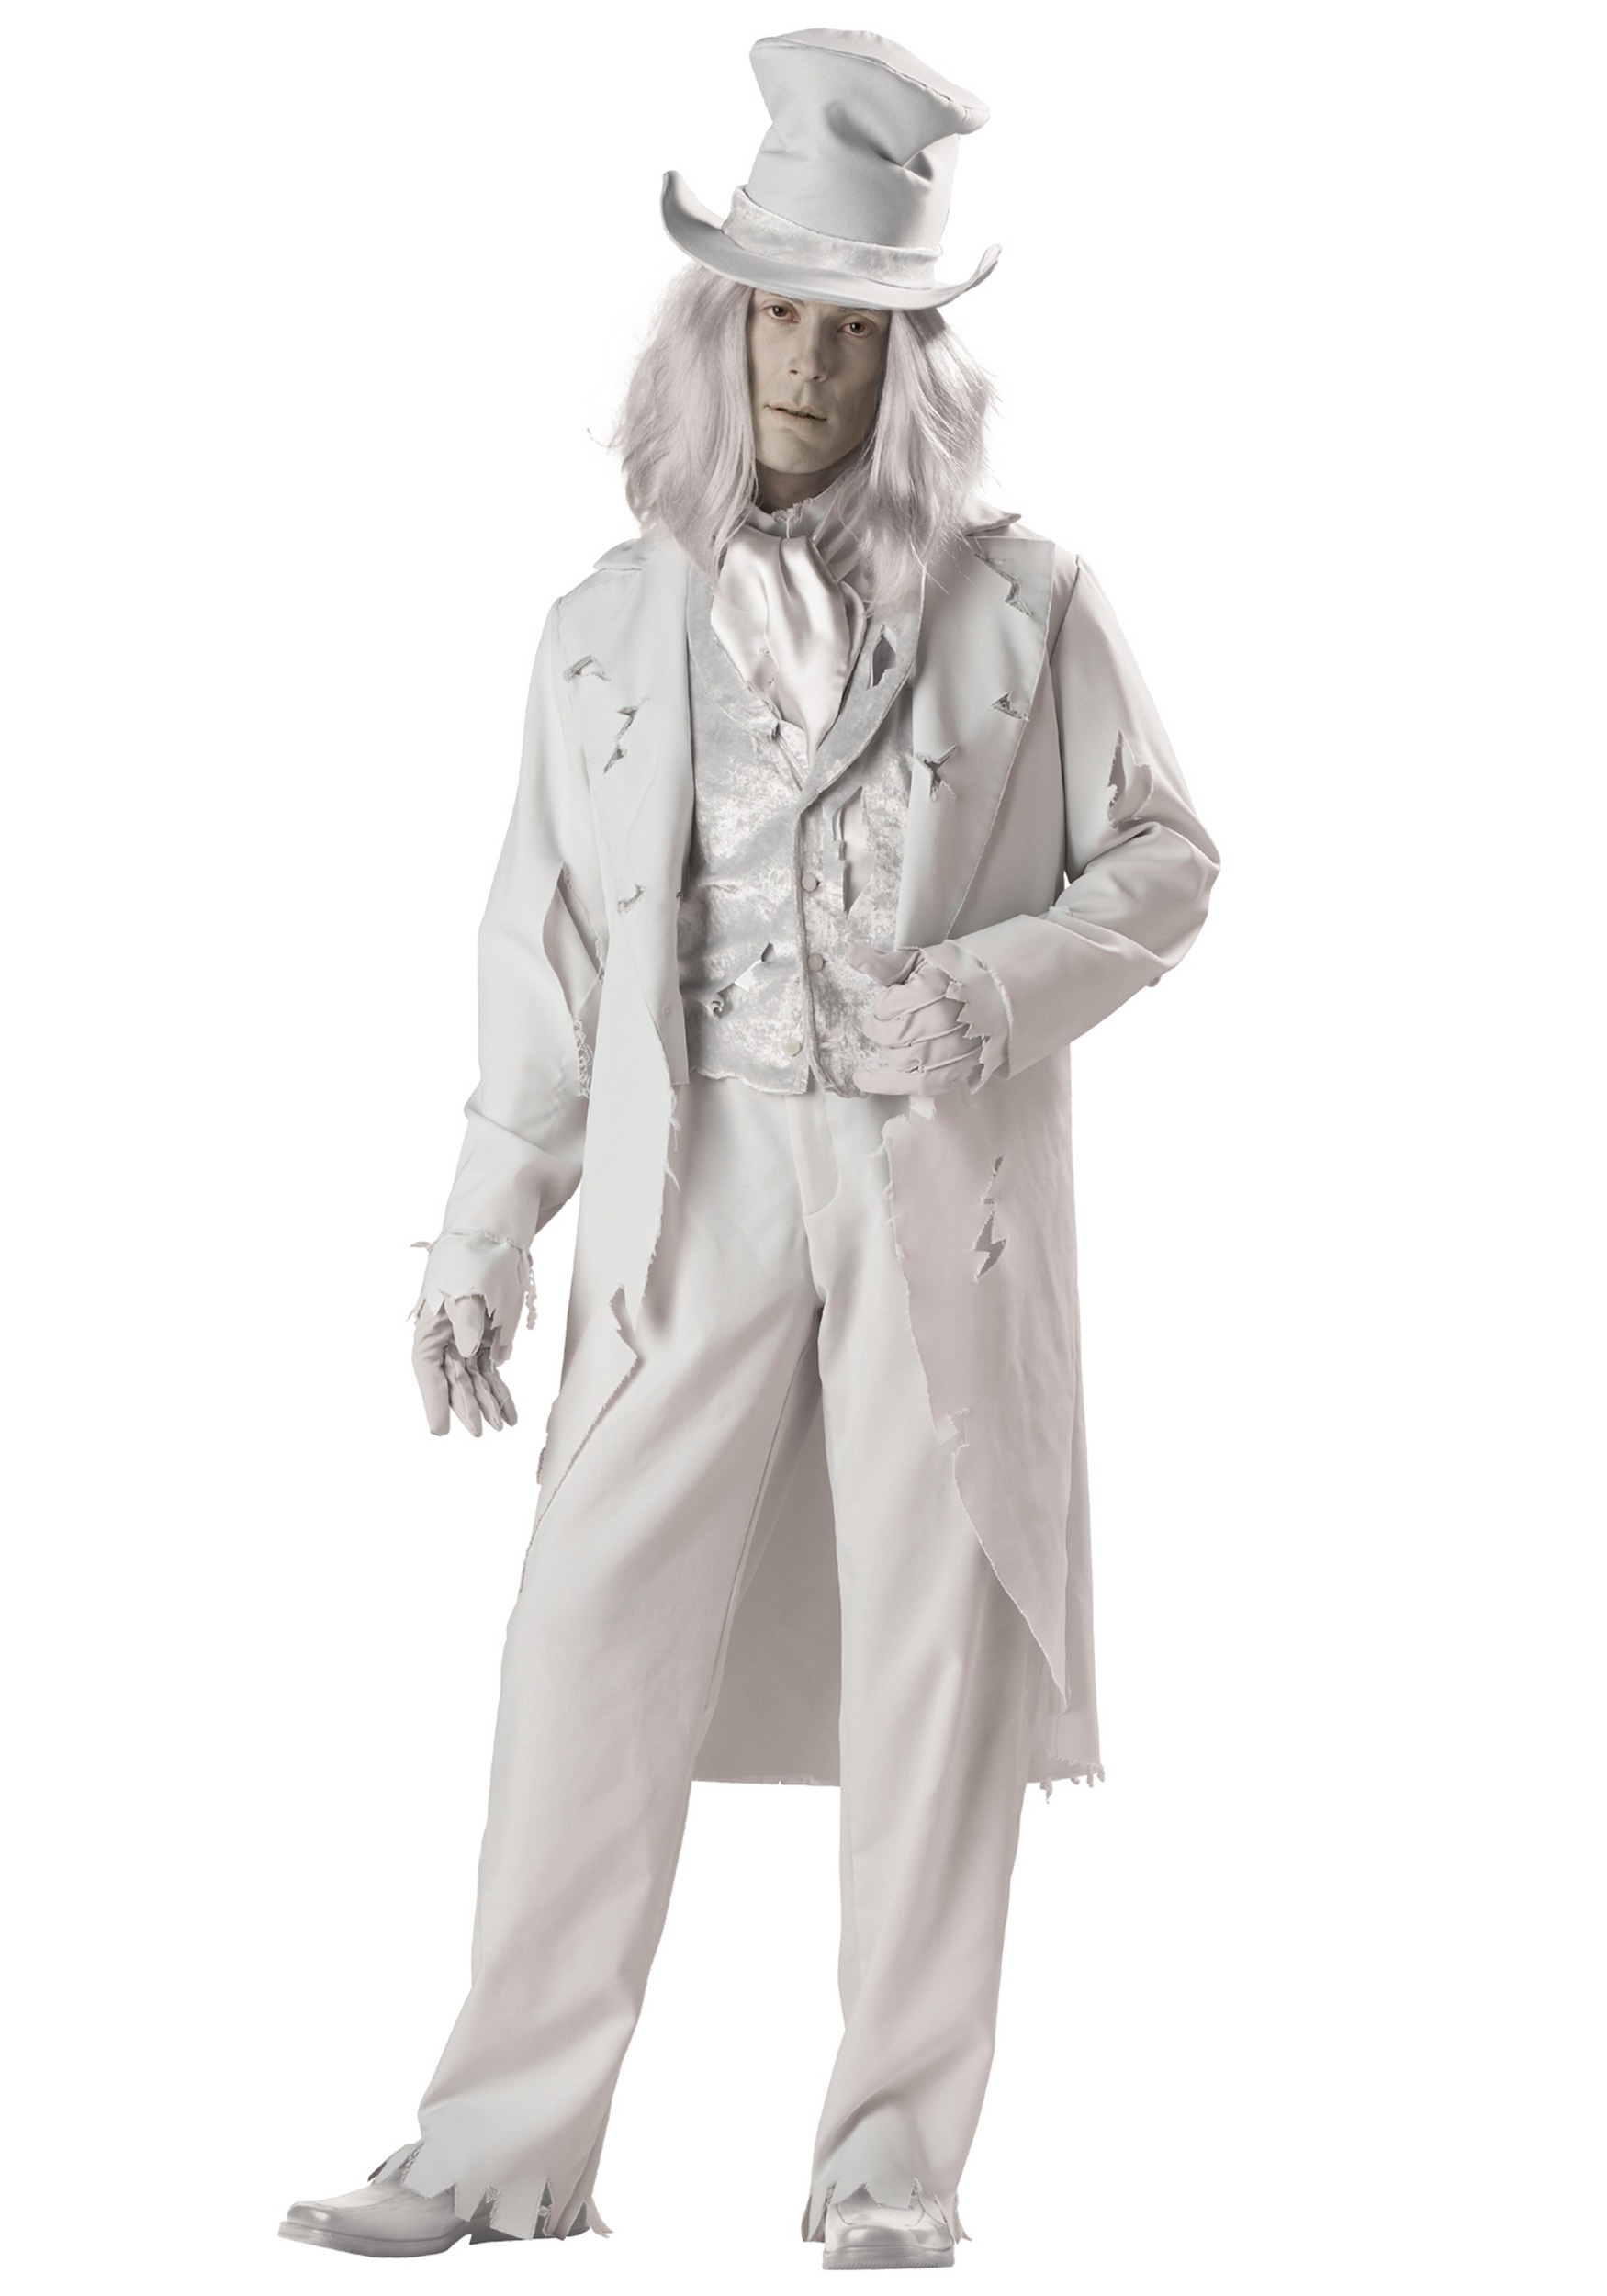 Ghostly gentleman costume includes Vest /shirt combo Coat Pants Dickey Hat Gloves Wig costumes men Halloween